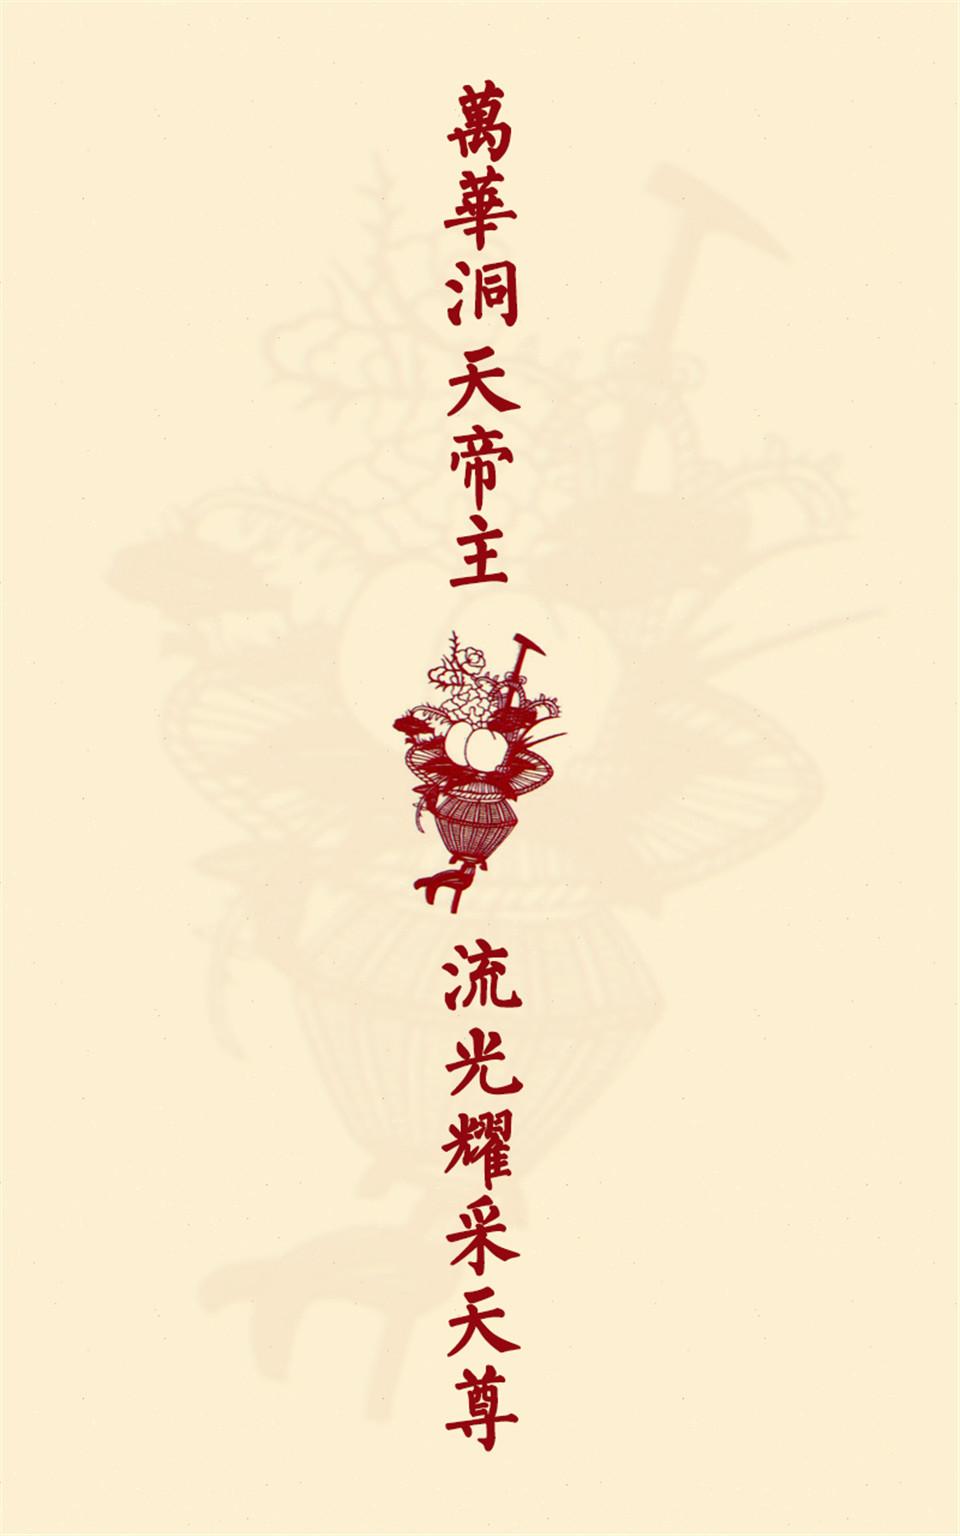 道教壁纸(八仙)